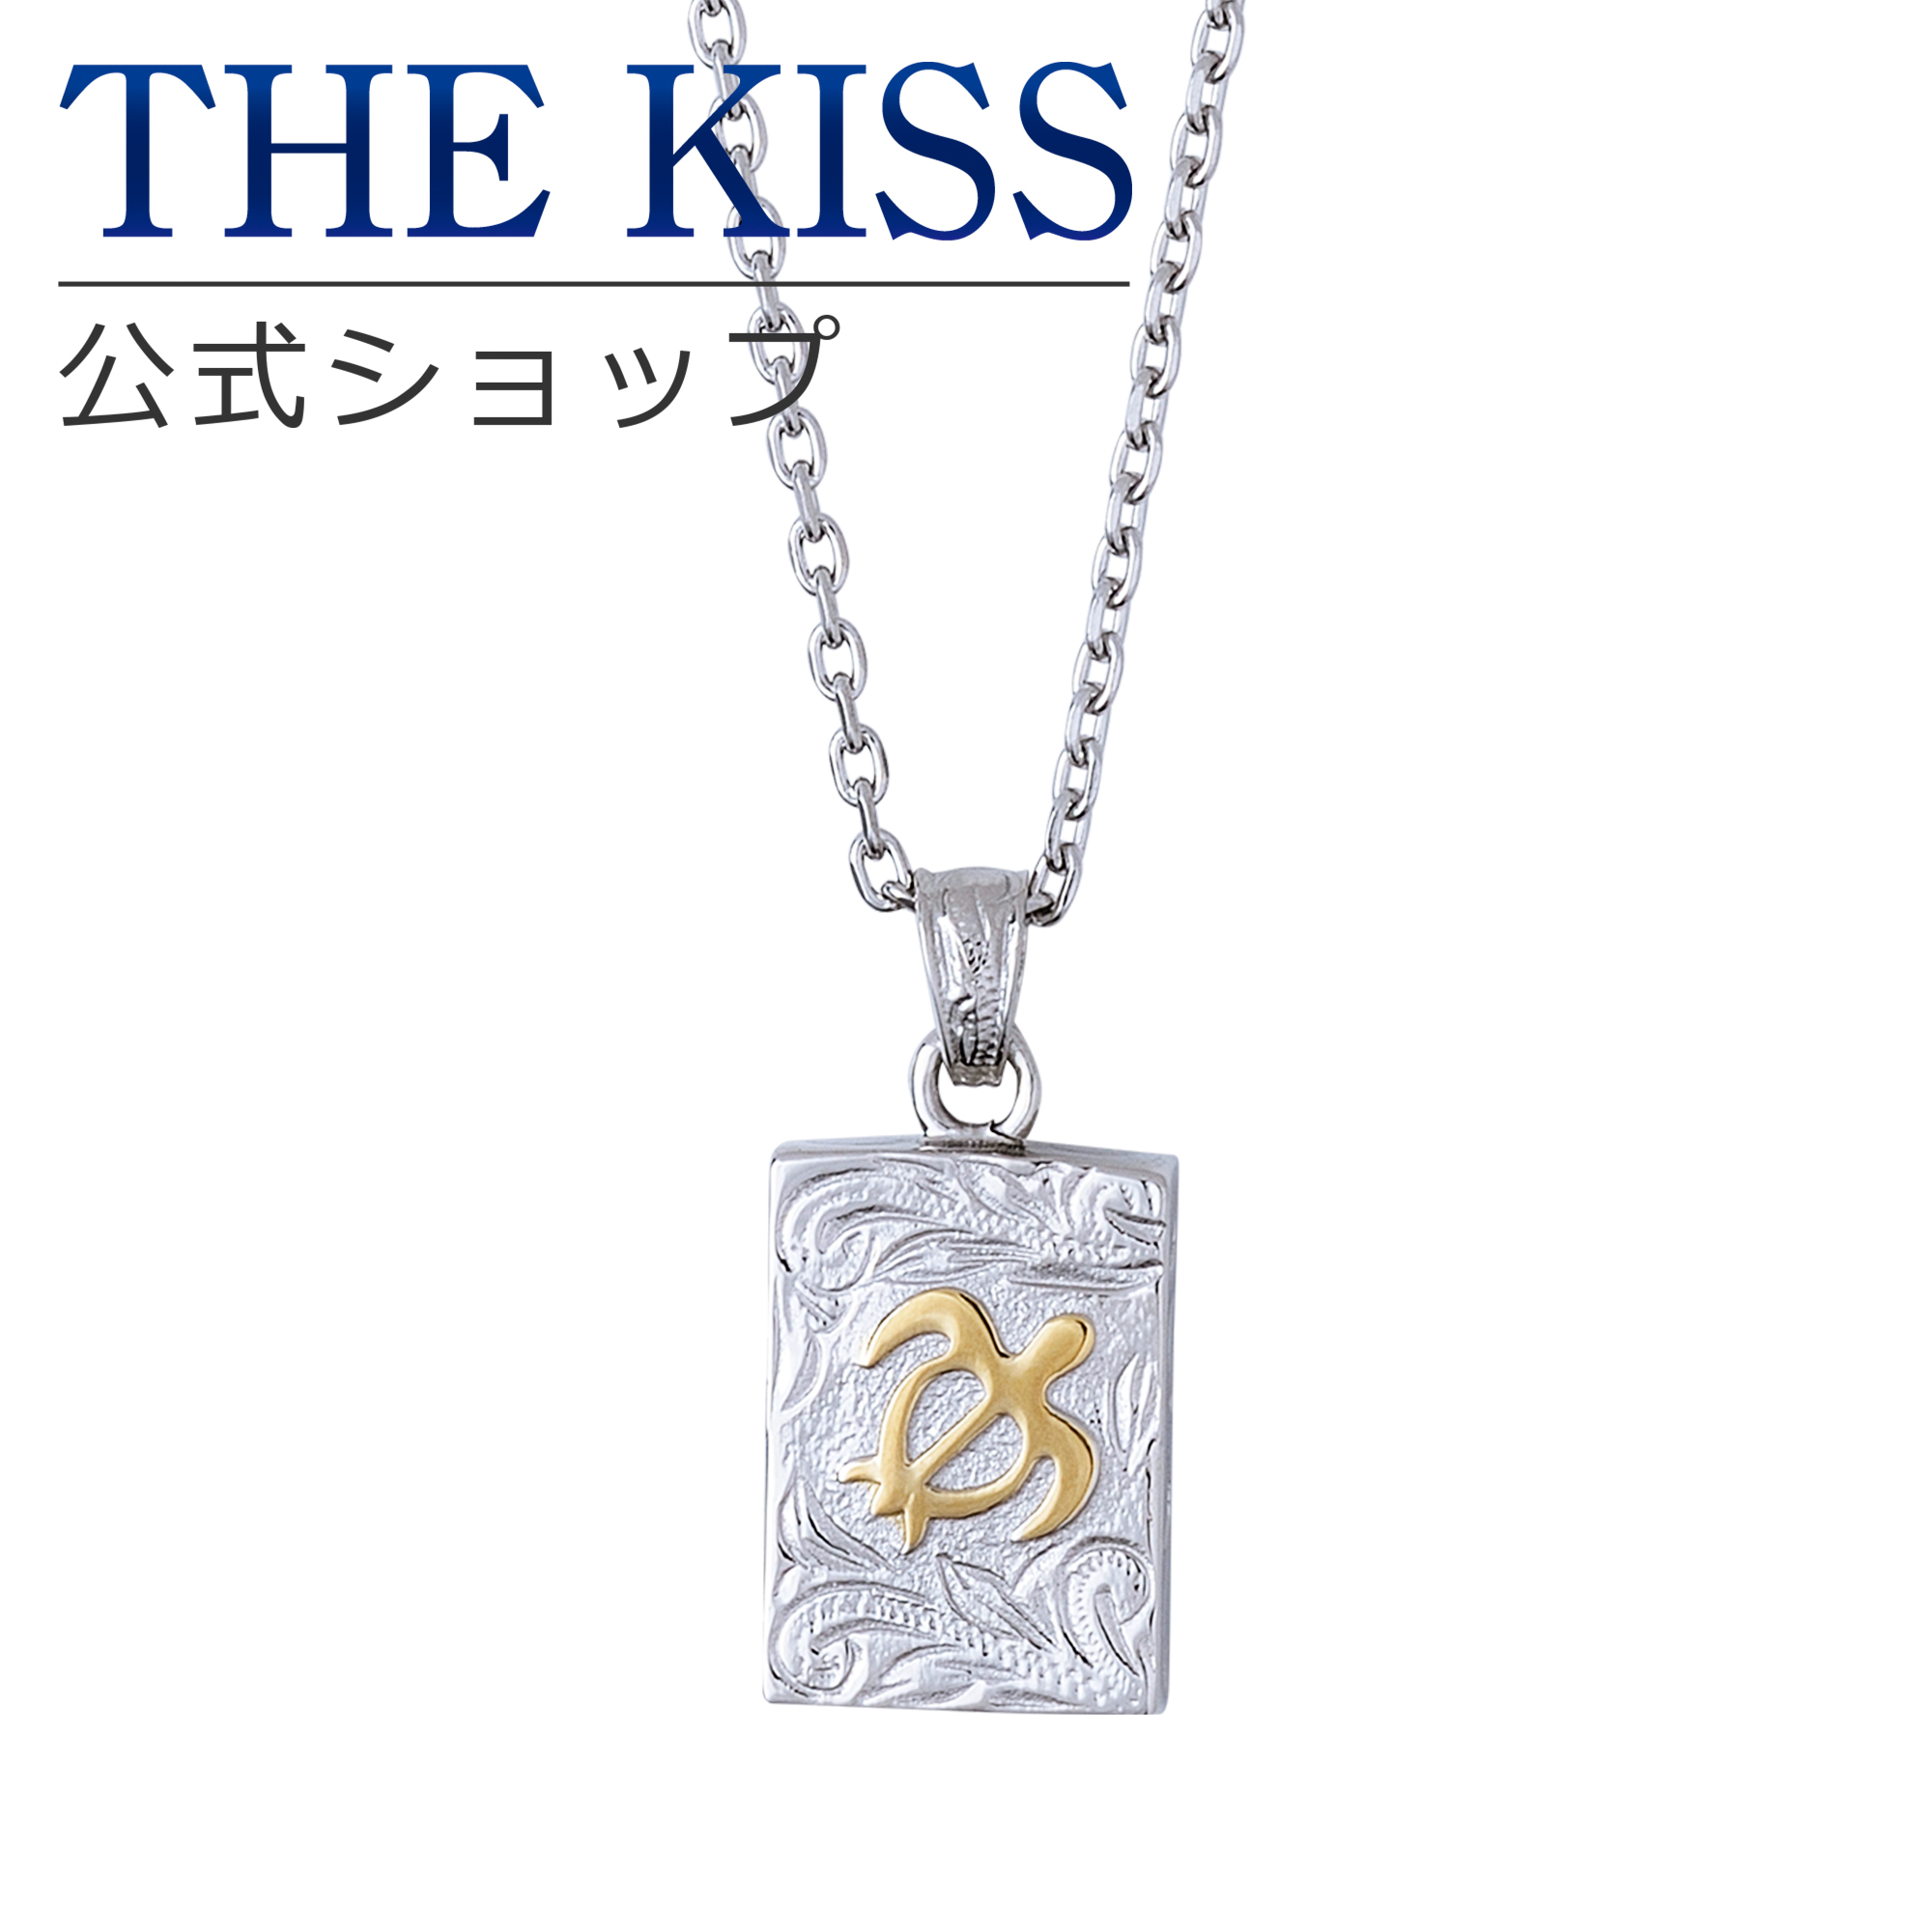 【あす楽対応】THE KISS 公式サイト ステンレス ハワイアン ペアネックレス (レディース 単品) ペアアクセサリー カップル に 人気 の ジュエリーブランド THEKISS ペア ネックレス・ペンダント 記念日 プレゼント L-N8002 ザキス 【送料無料】